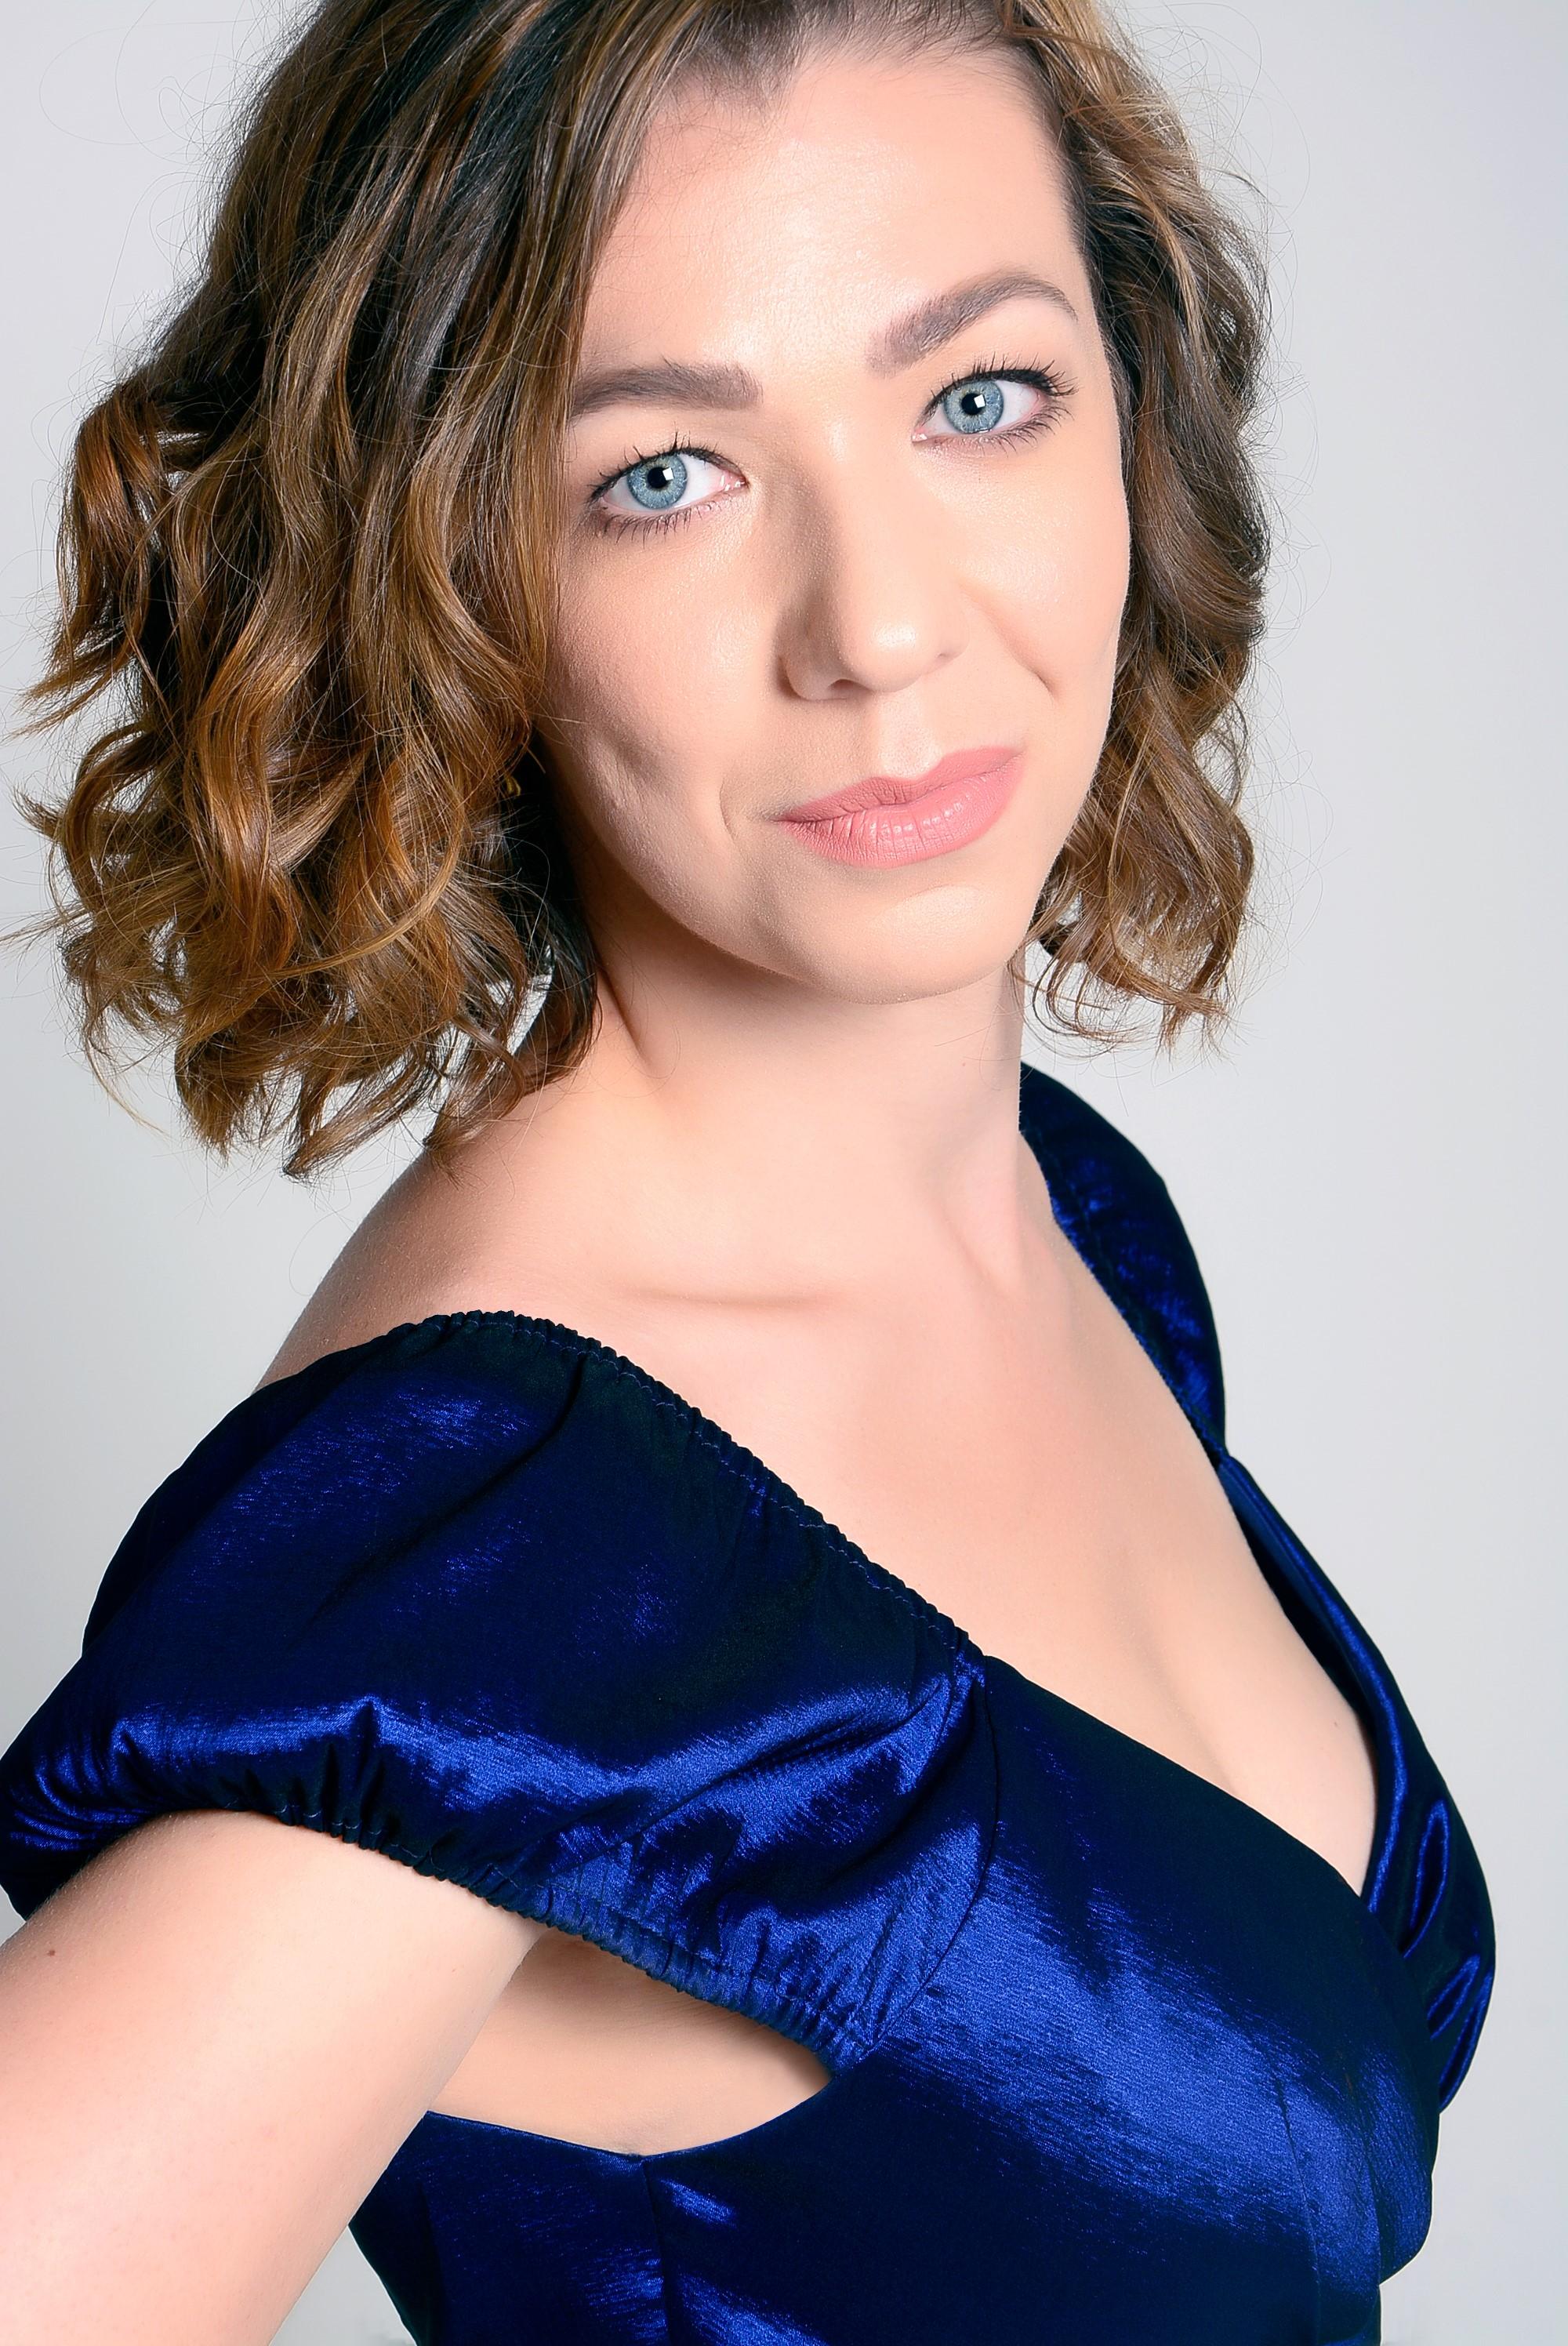 https://0201.nccdn.net/1_2/000/000/153/ac1/Christine-Cunnold.jpg